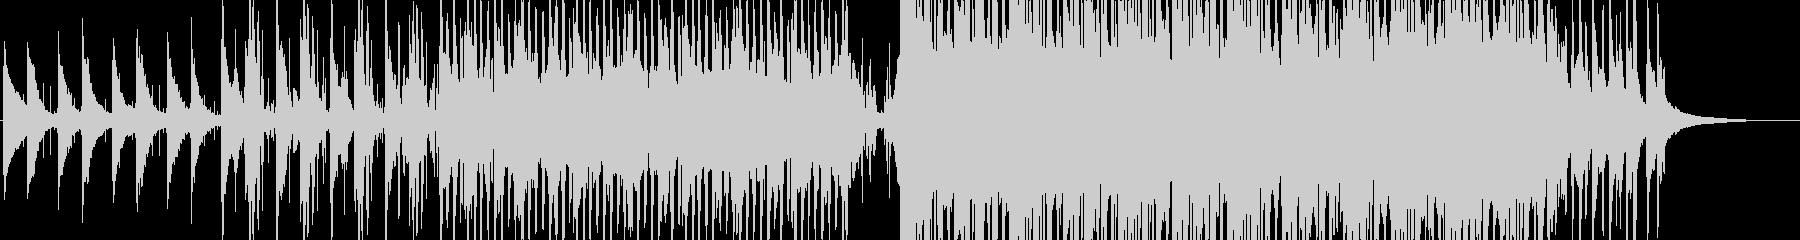 アンビエントな雰囲気のミニマルなピアノ曲の未再生の波形